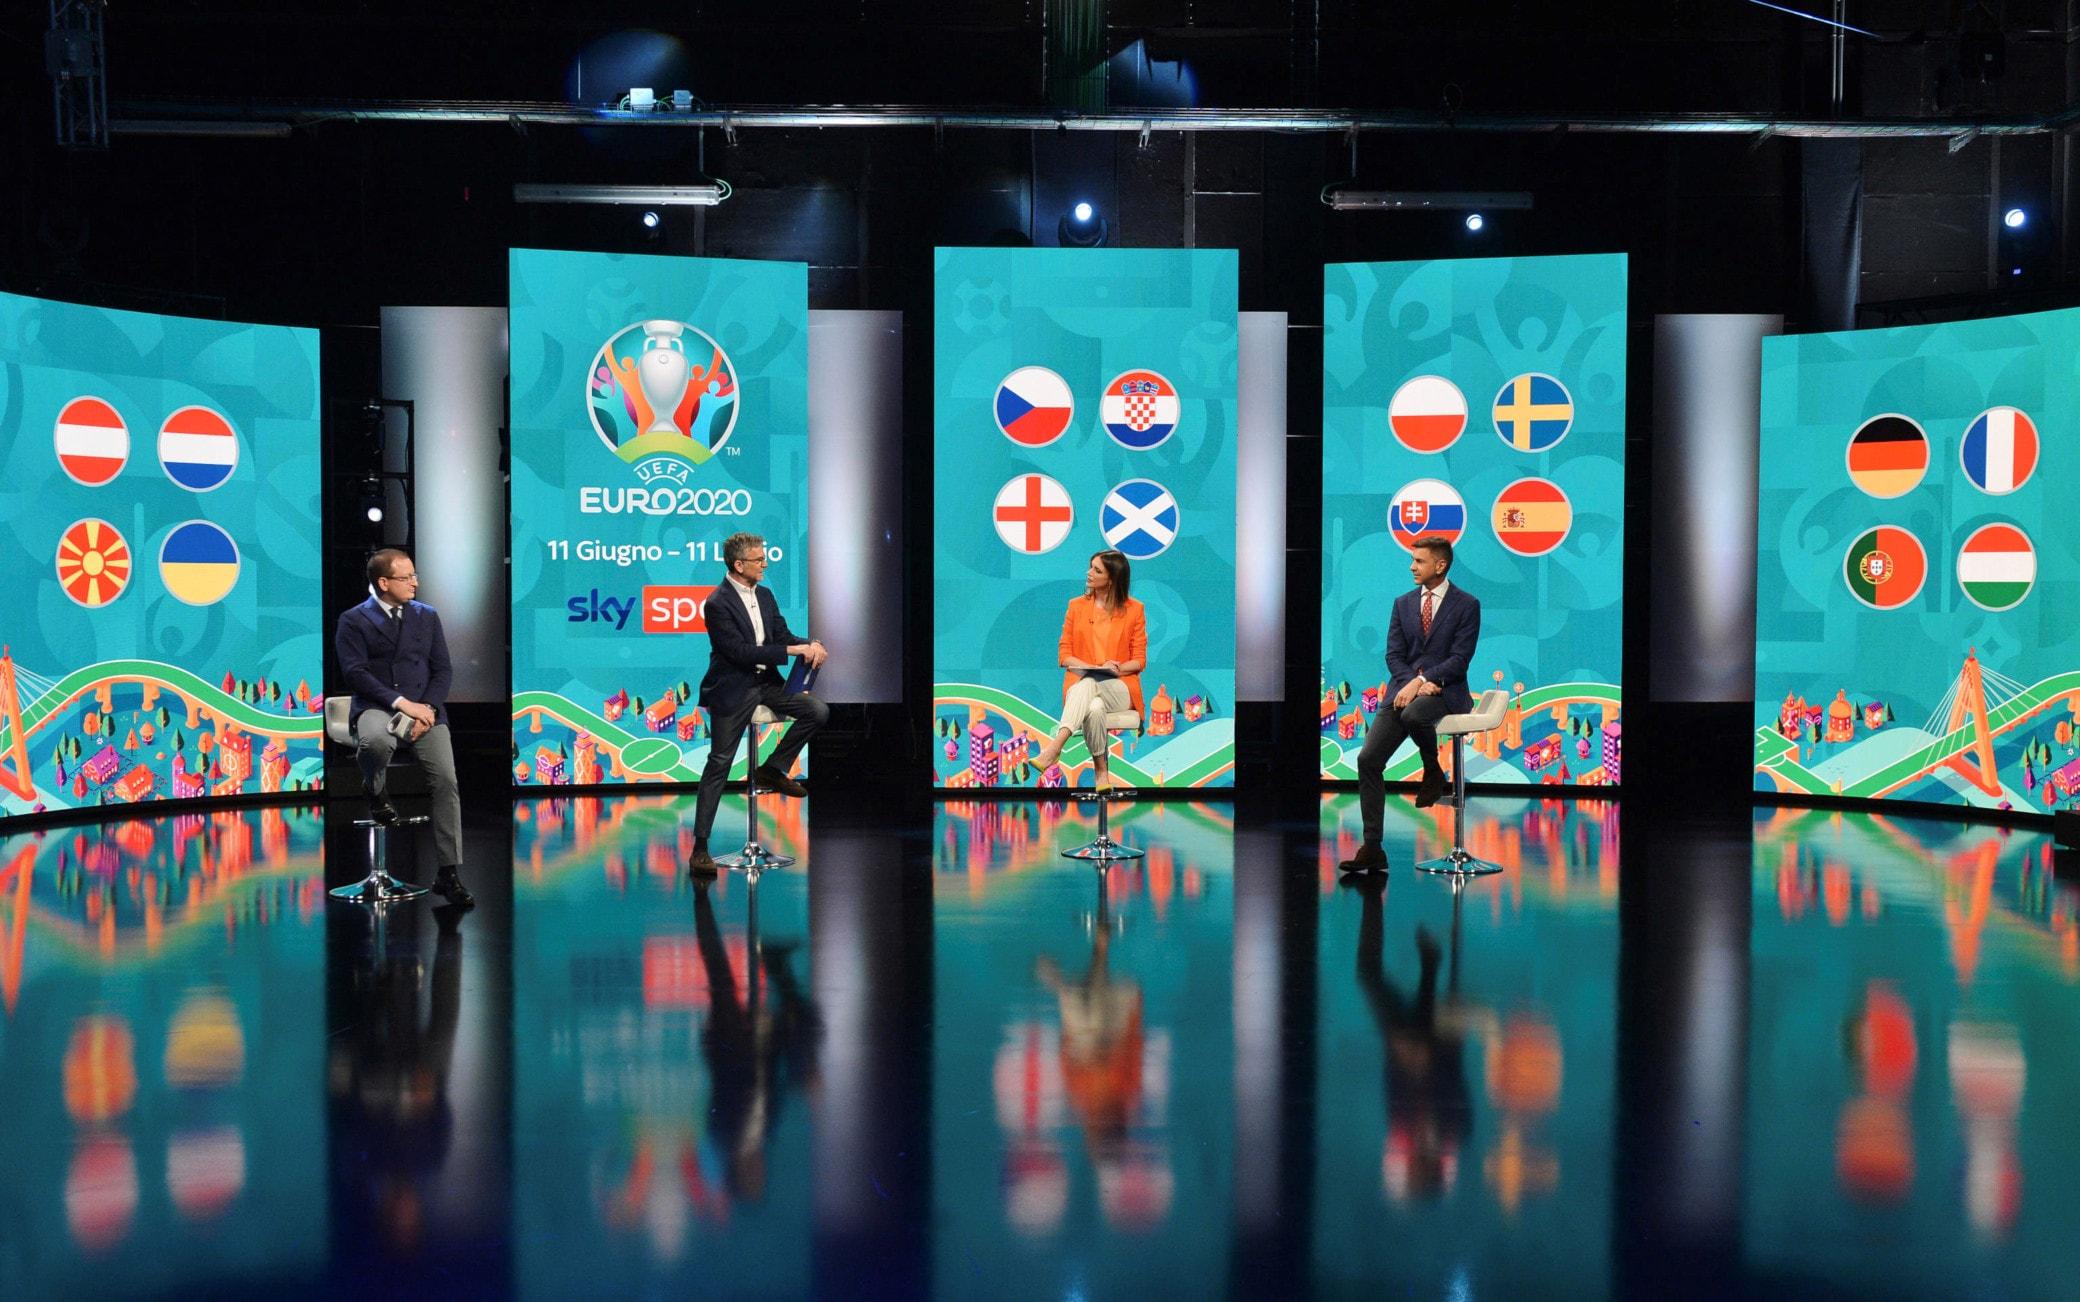 La presentazione della programmazione di Sky per Euro 2020